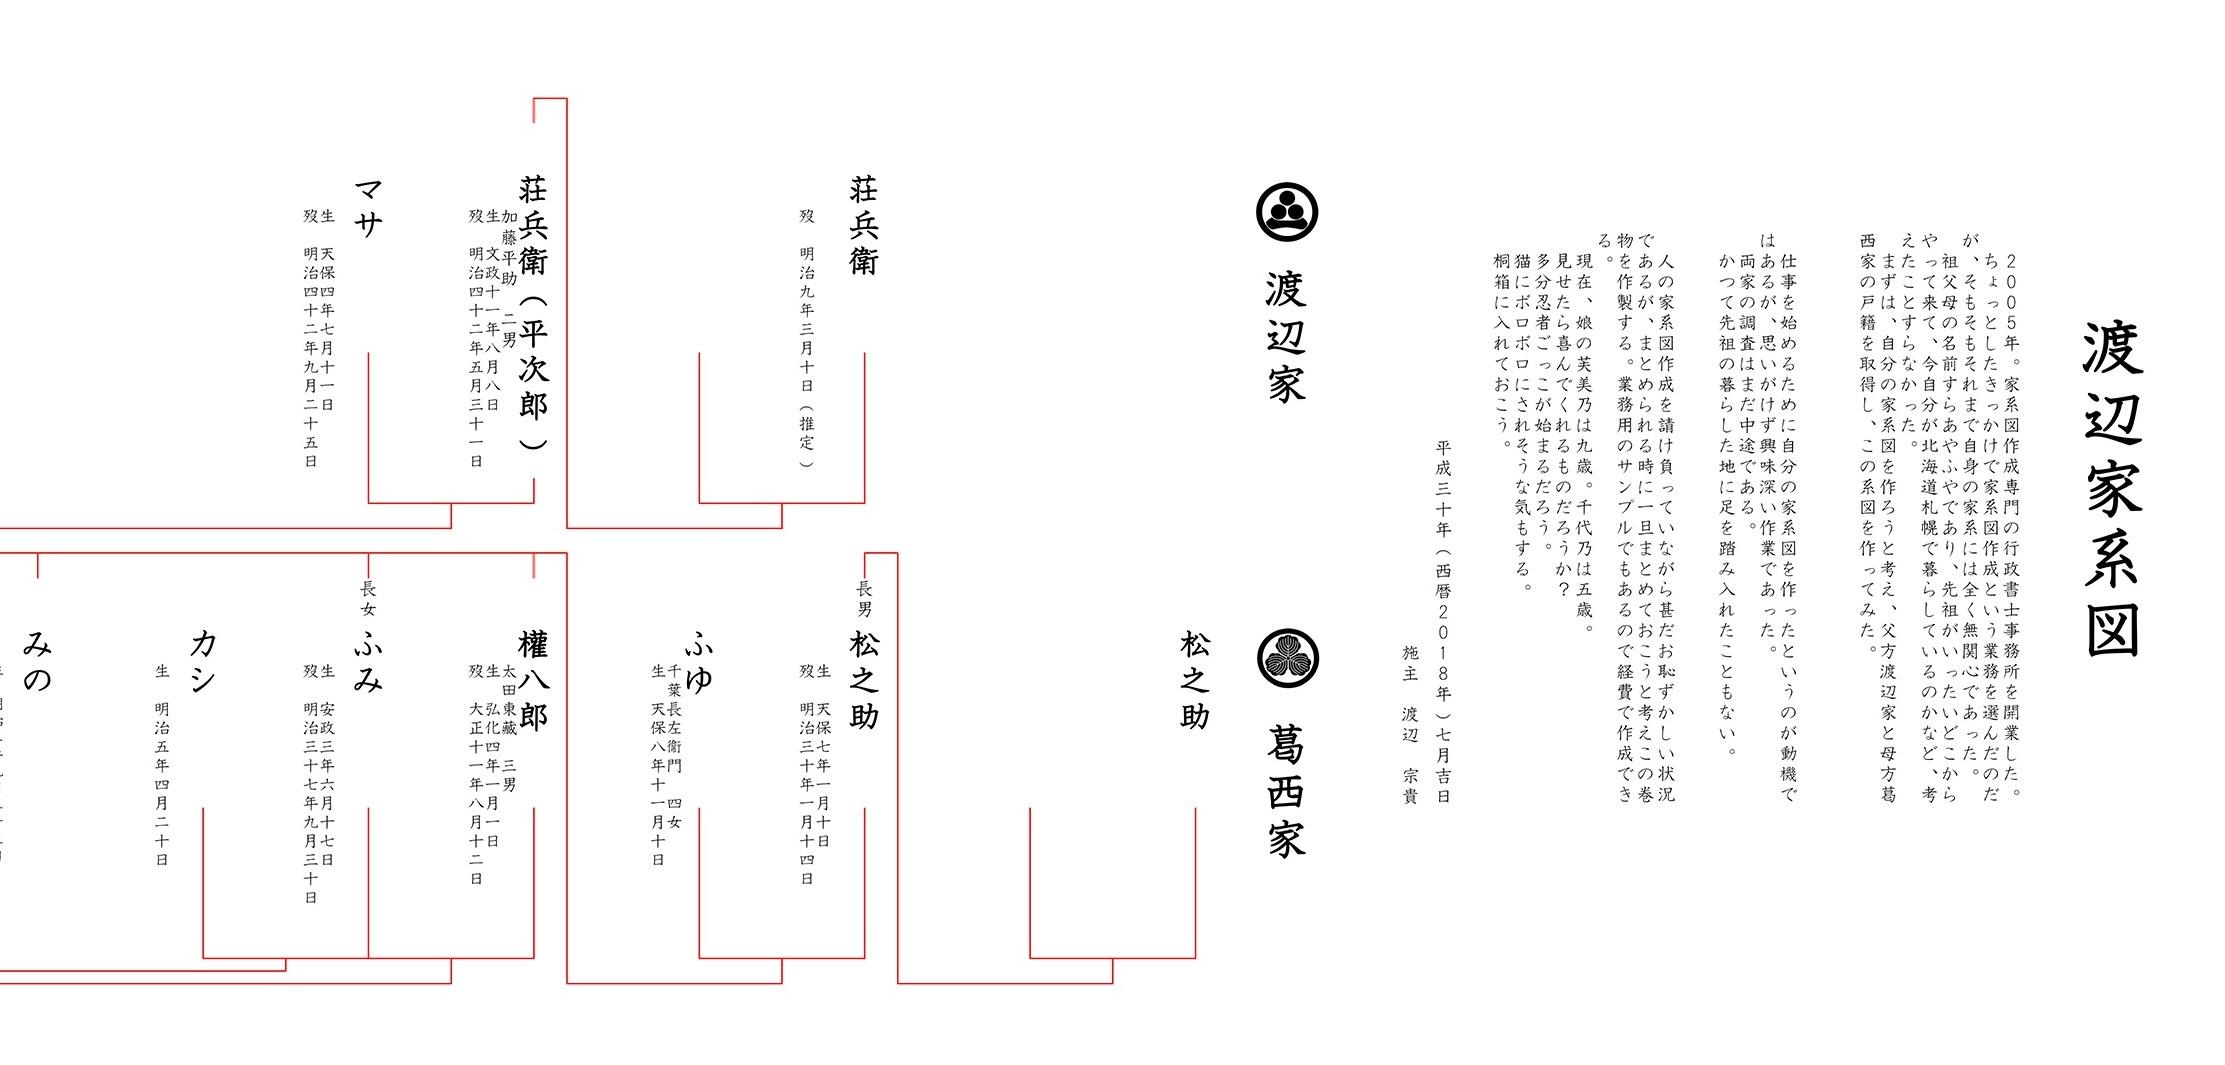 伊藤 誠 家 系図